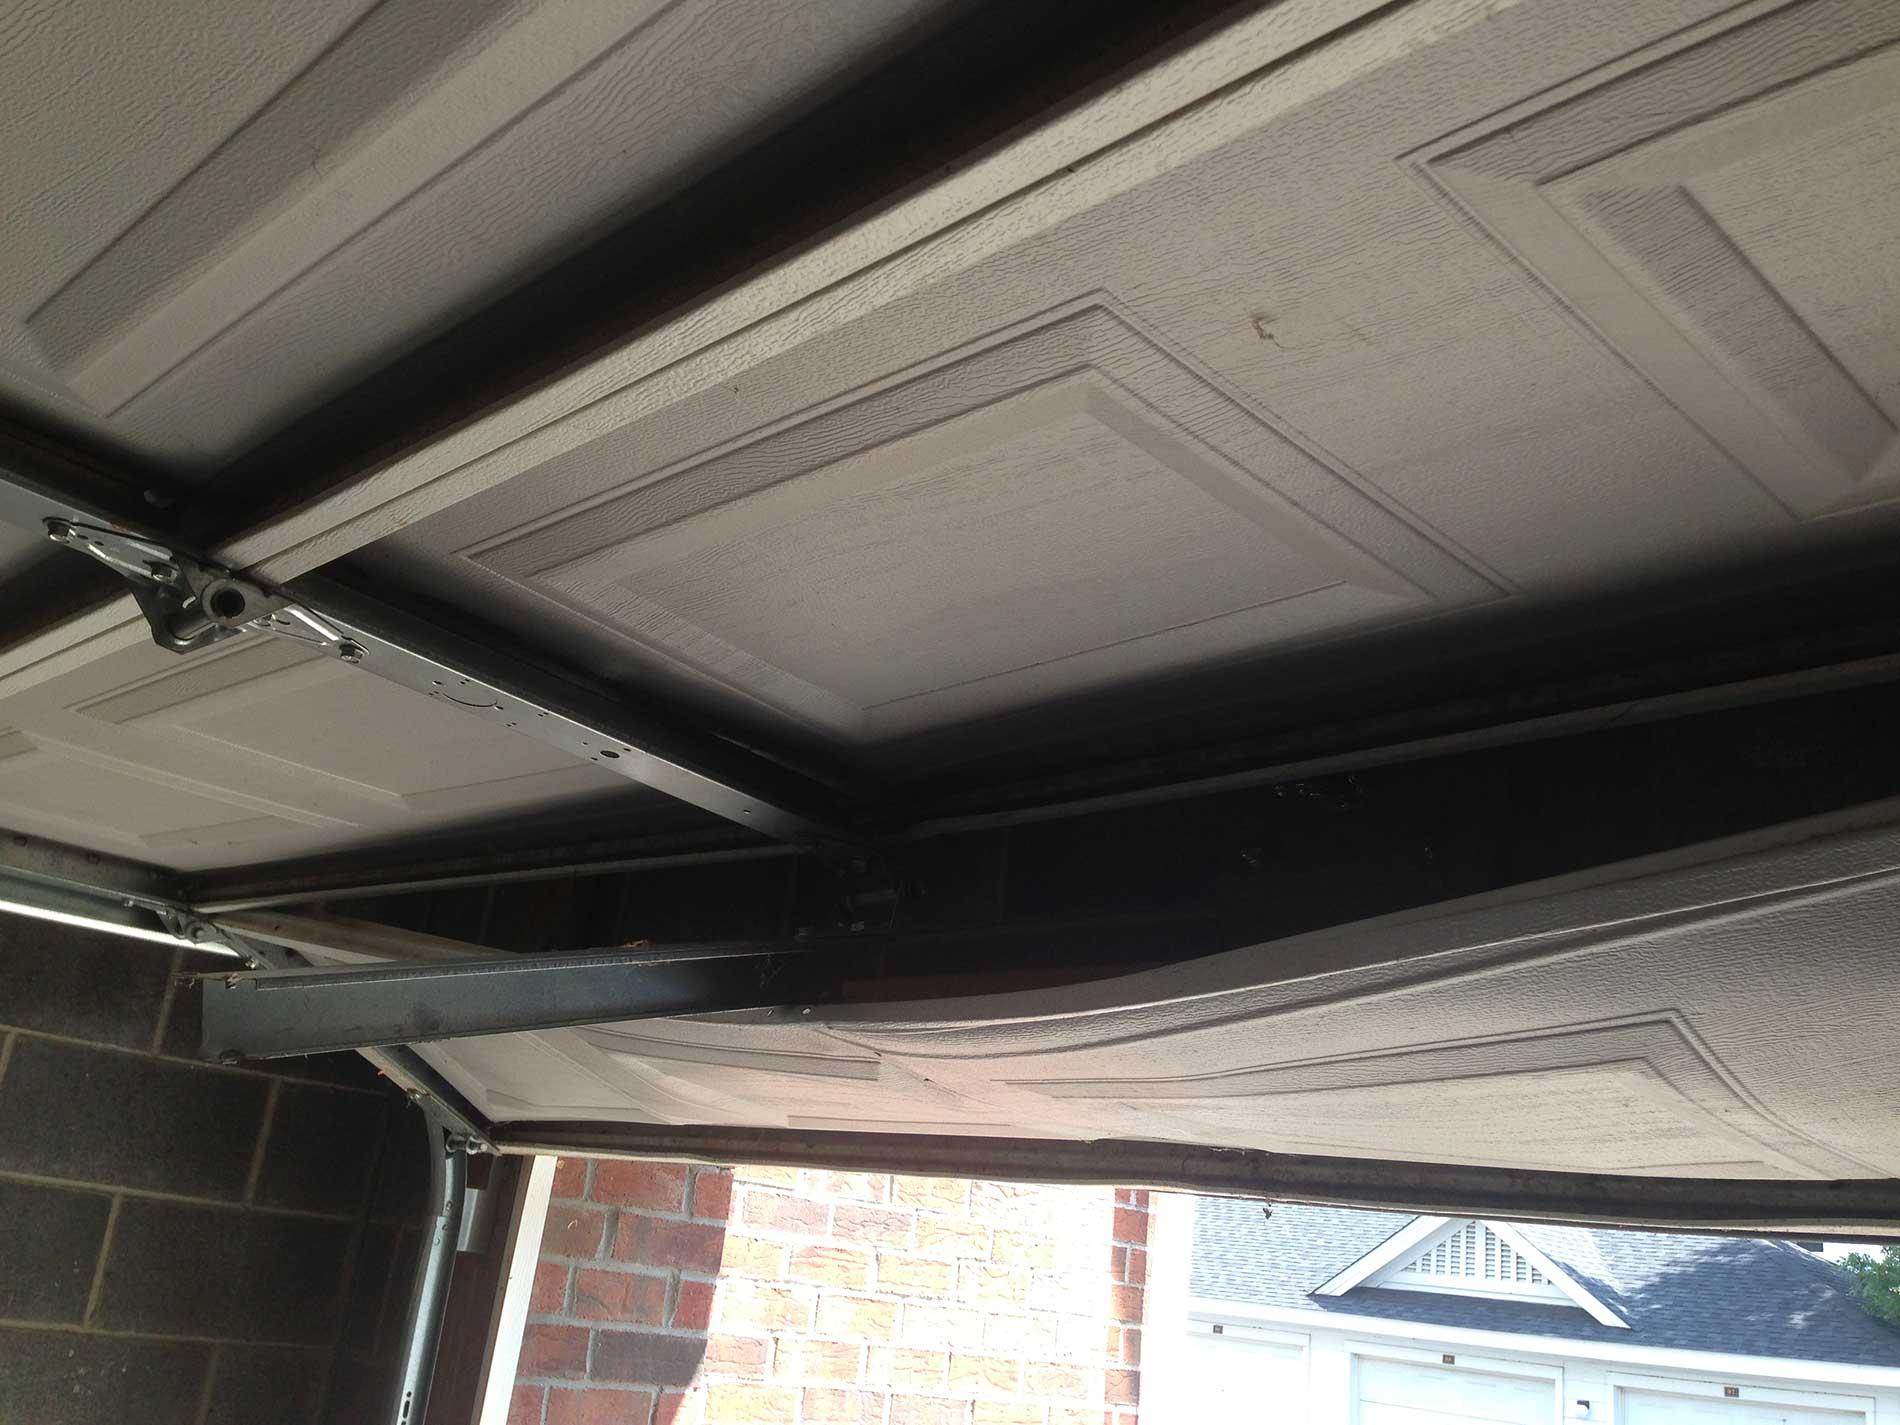 Garage door replacement: 3 factors you need to consider